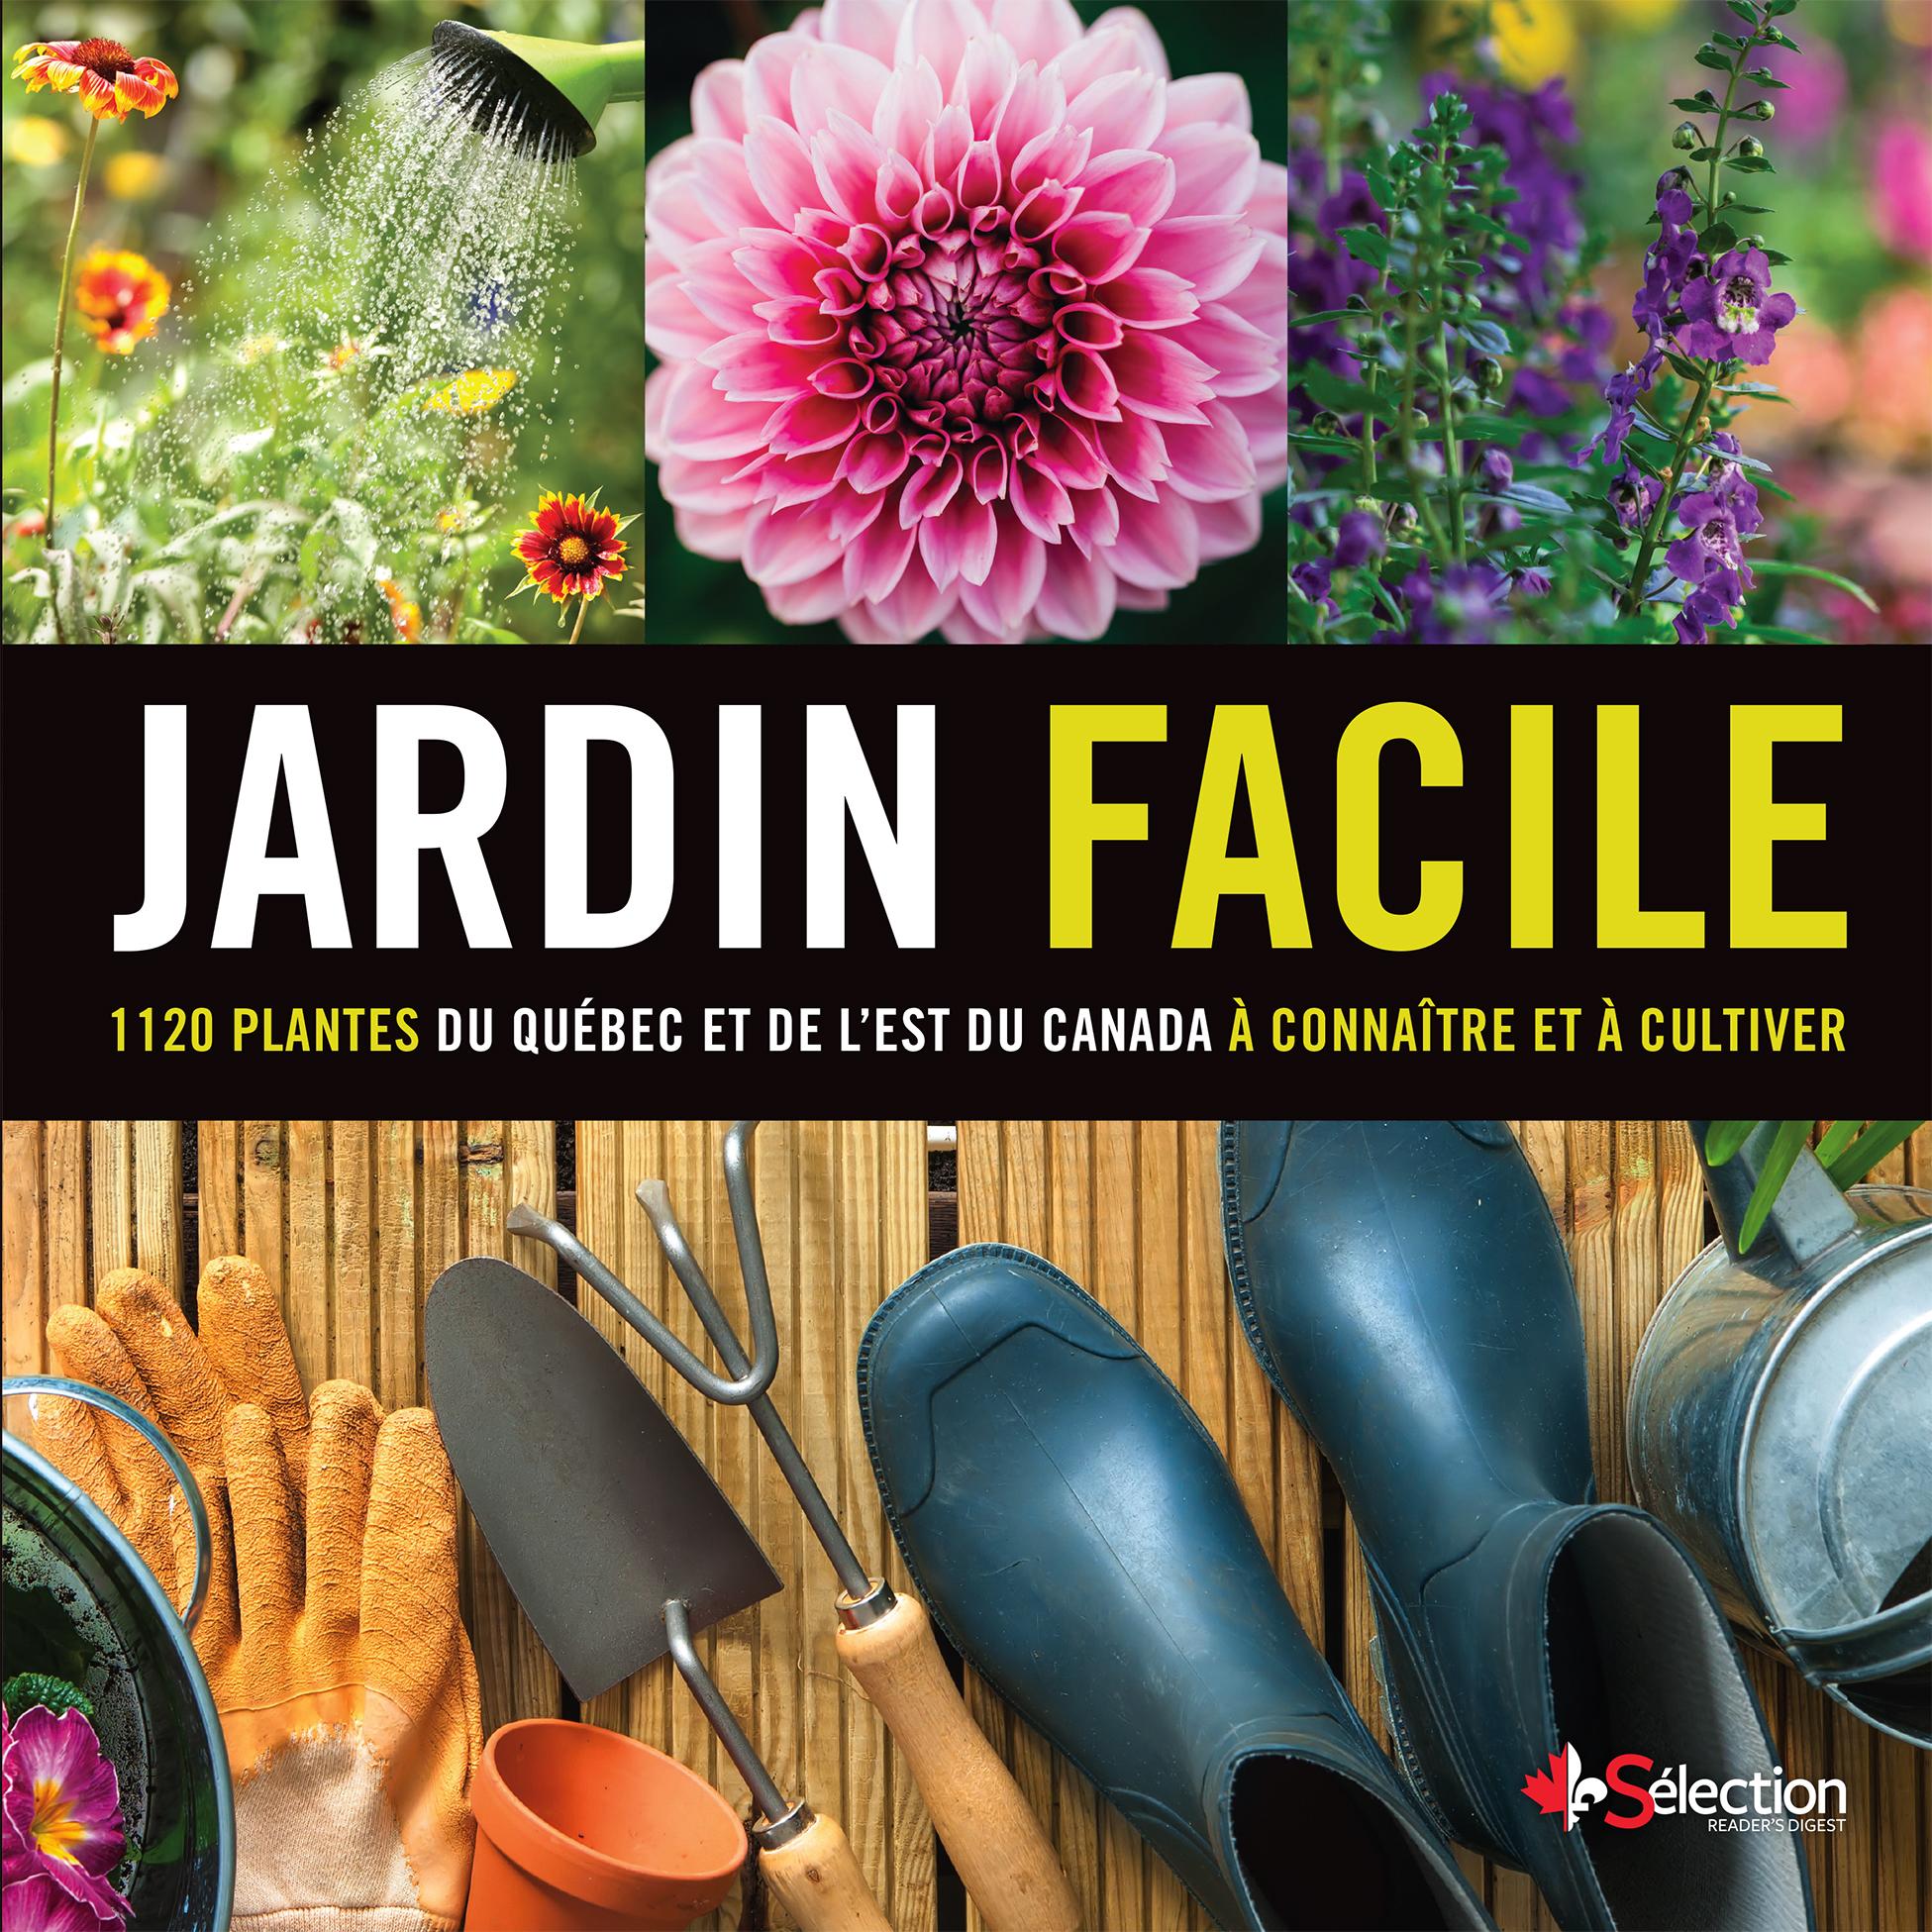 262_JardinFacile_C1